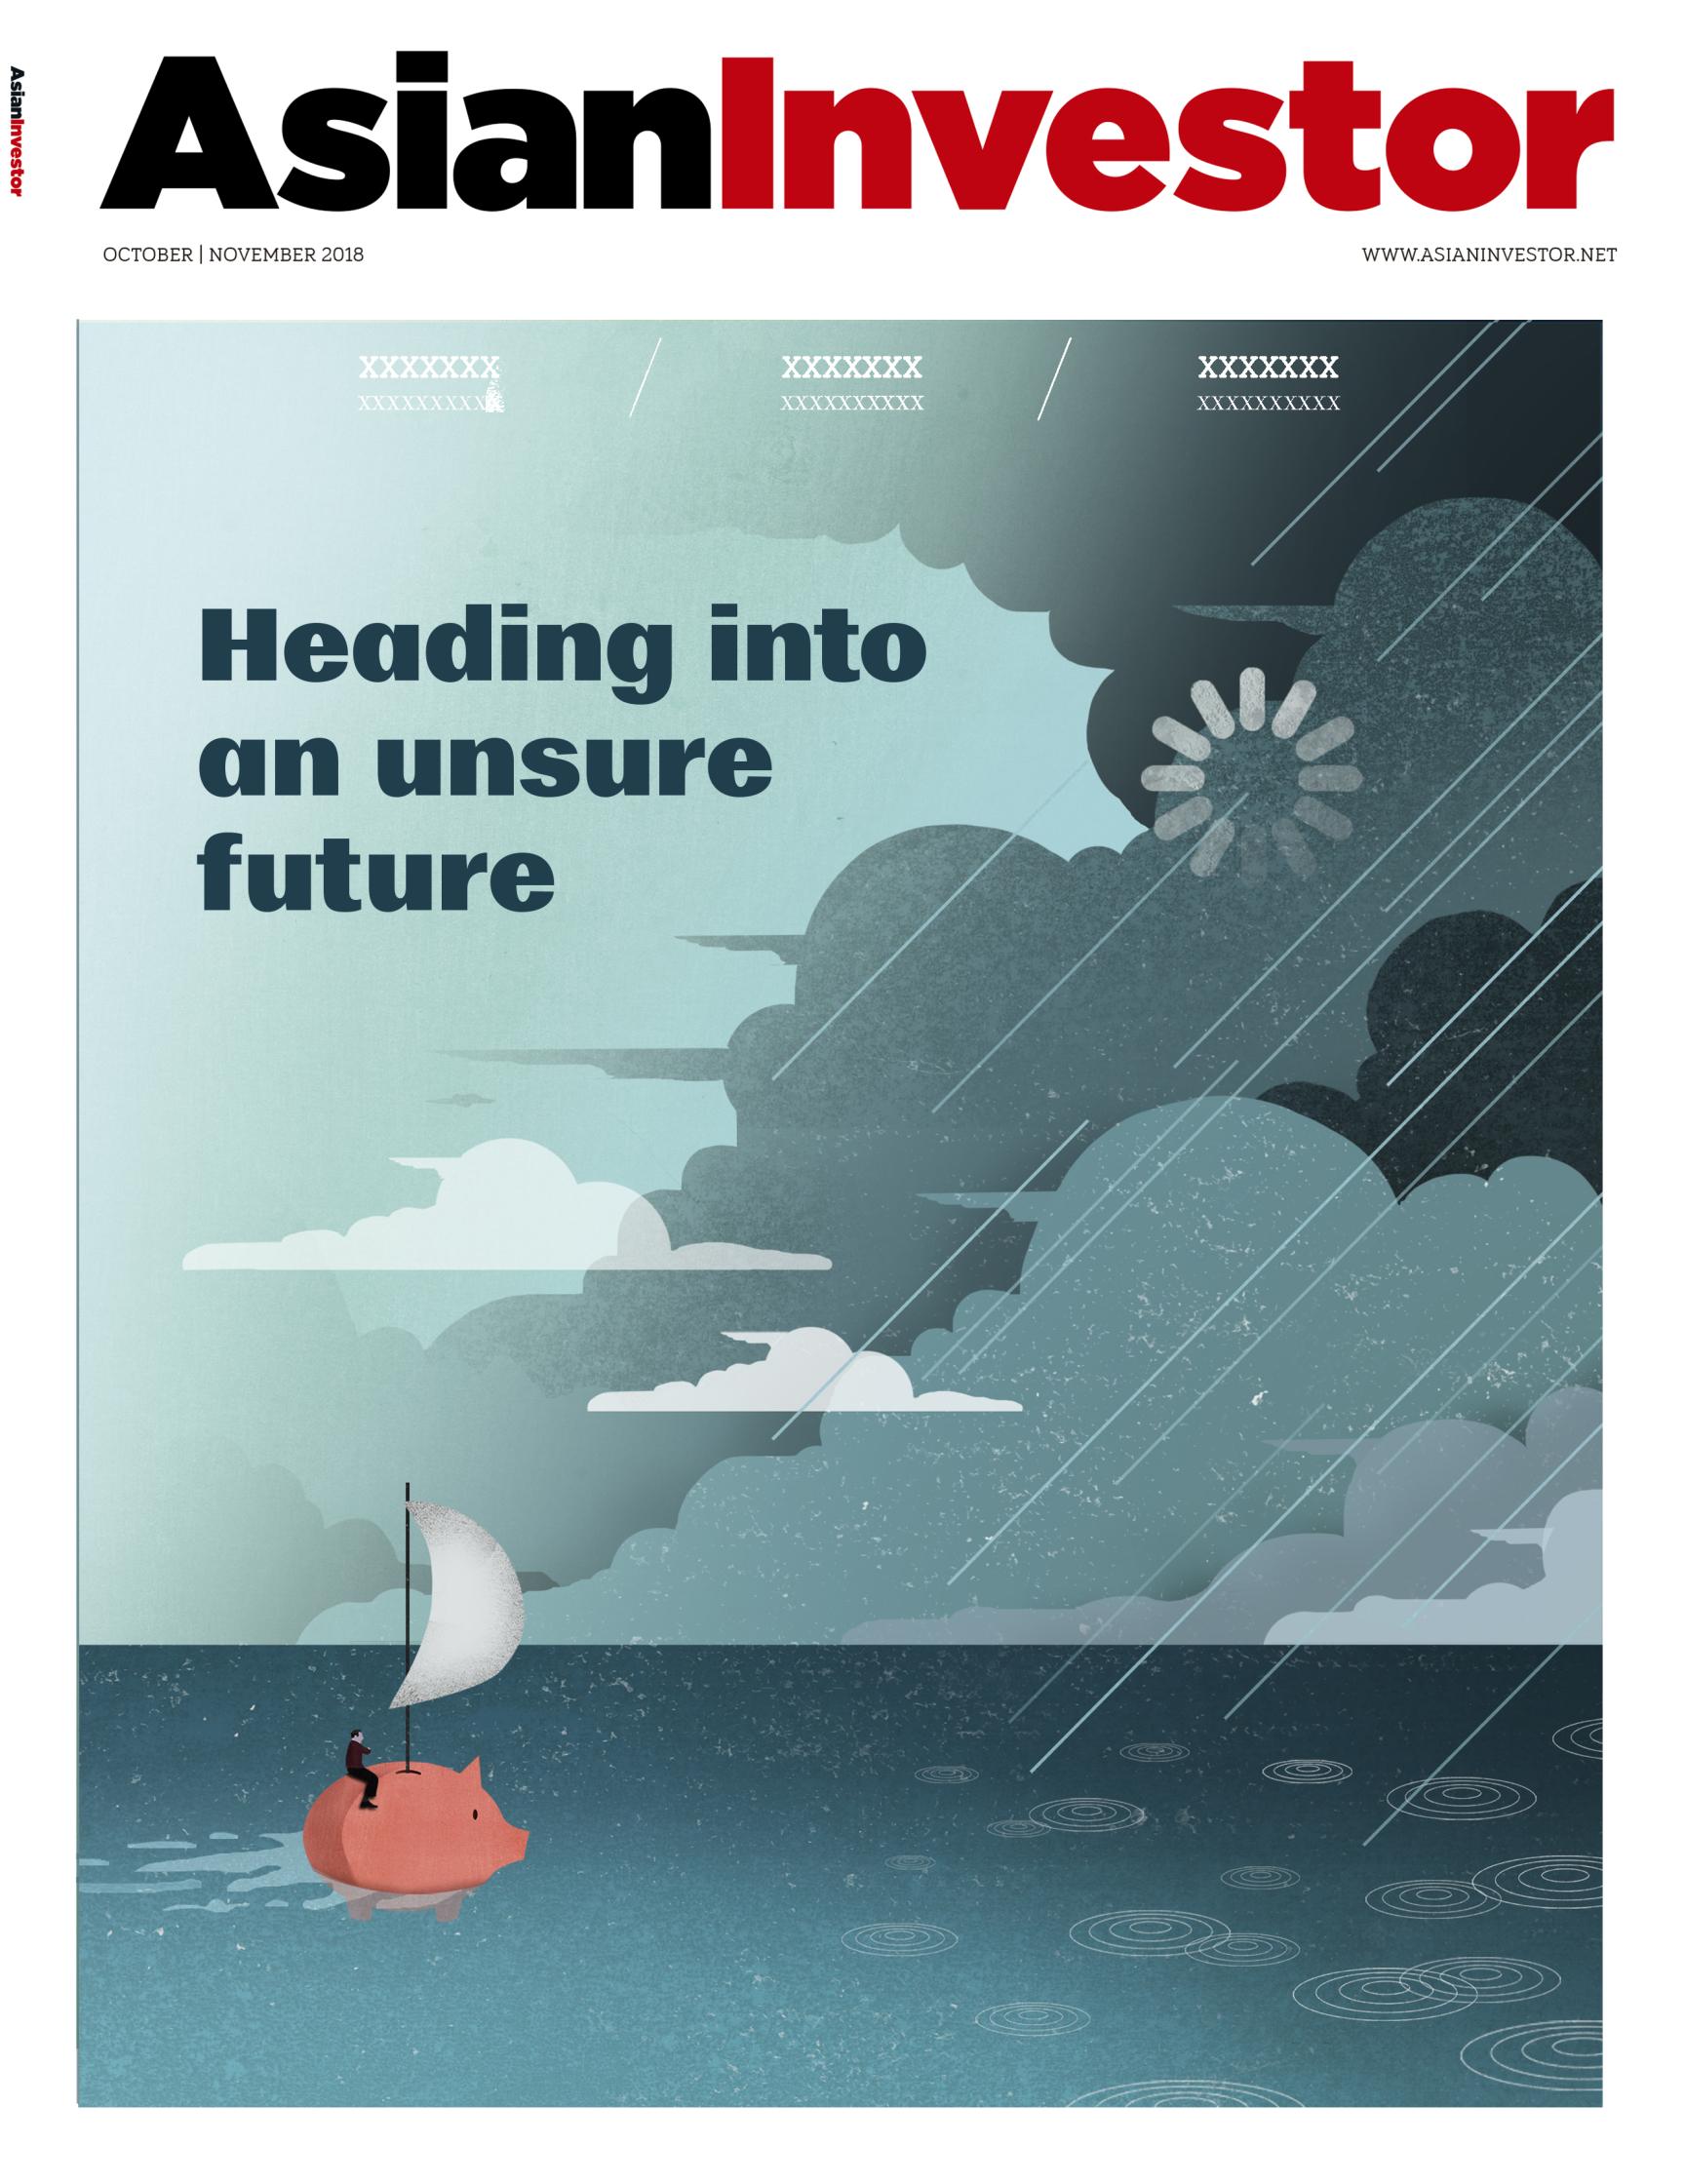 Cover for Asian Investor.jpg